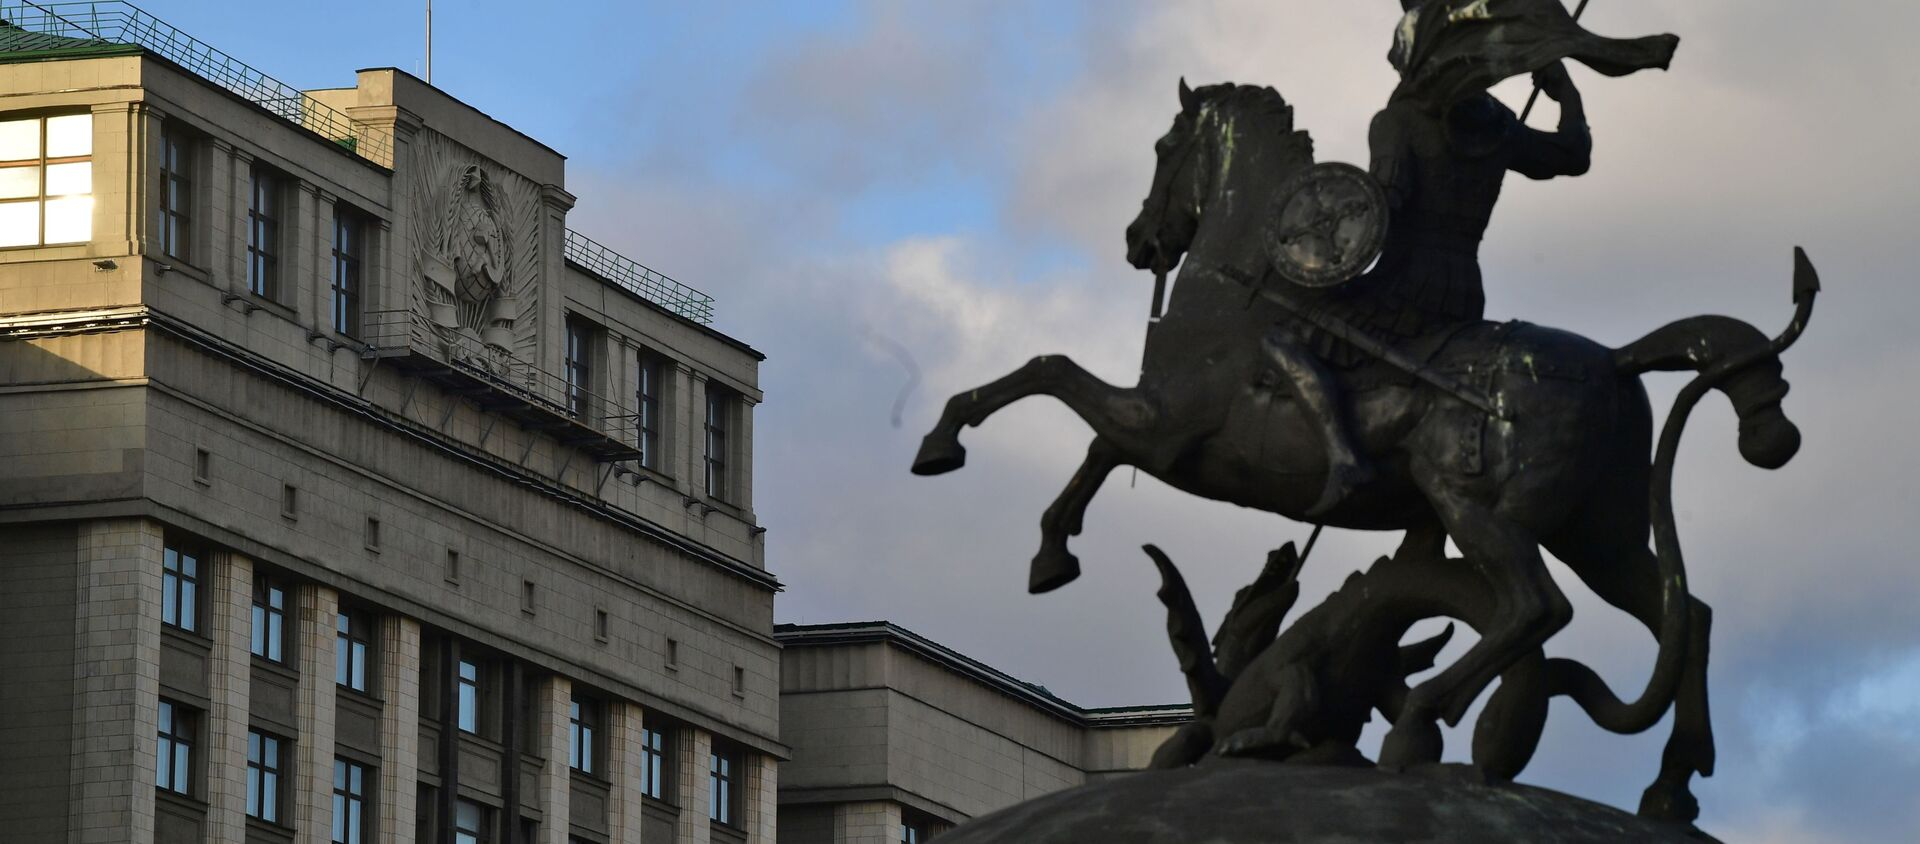 Статуя Георгия Победоносца на Манежной площади и здание Государственной Думы РФ - Sputnik Южная Осетия, 1920, 08.10.2021